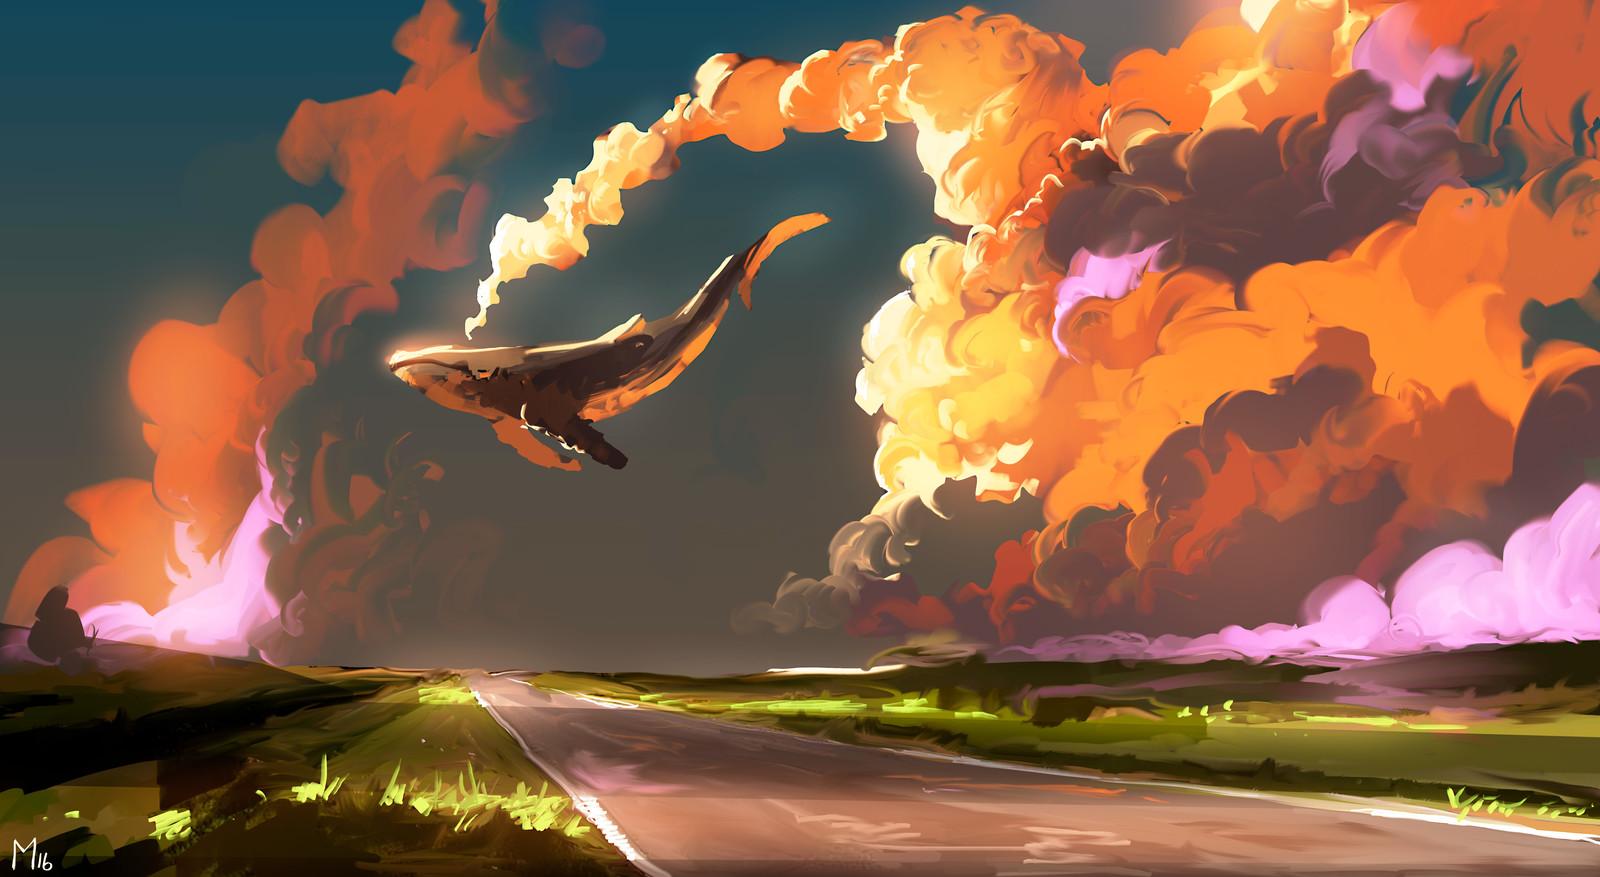 Cloud Machine